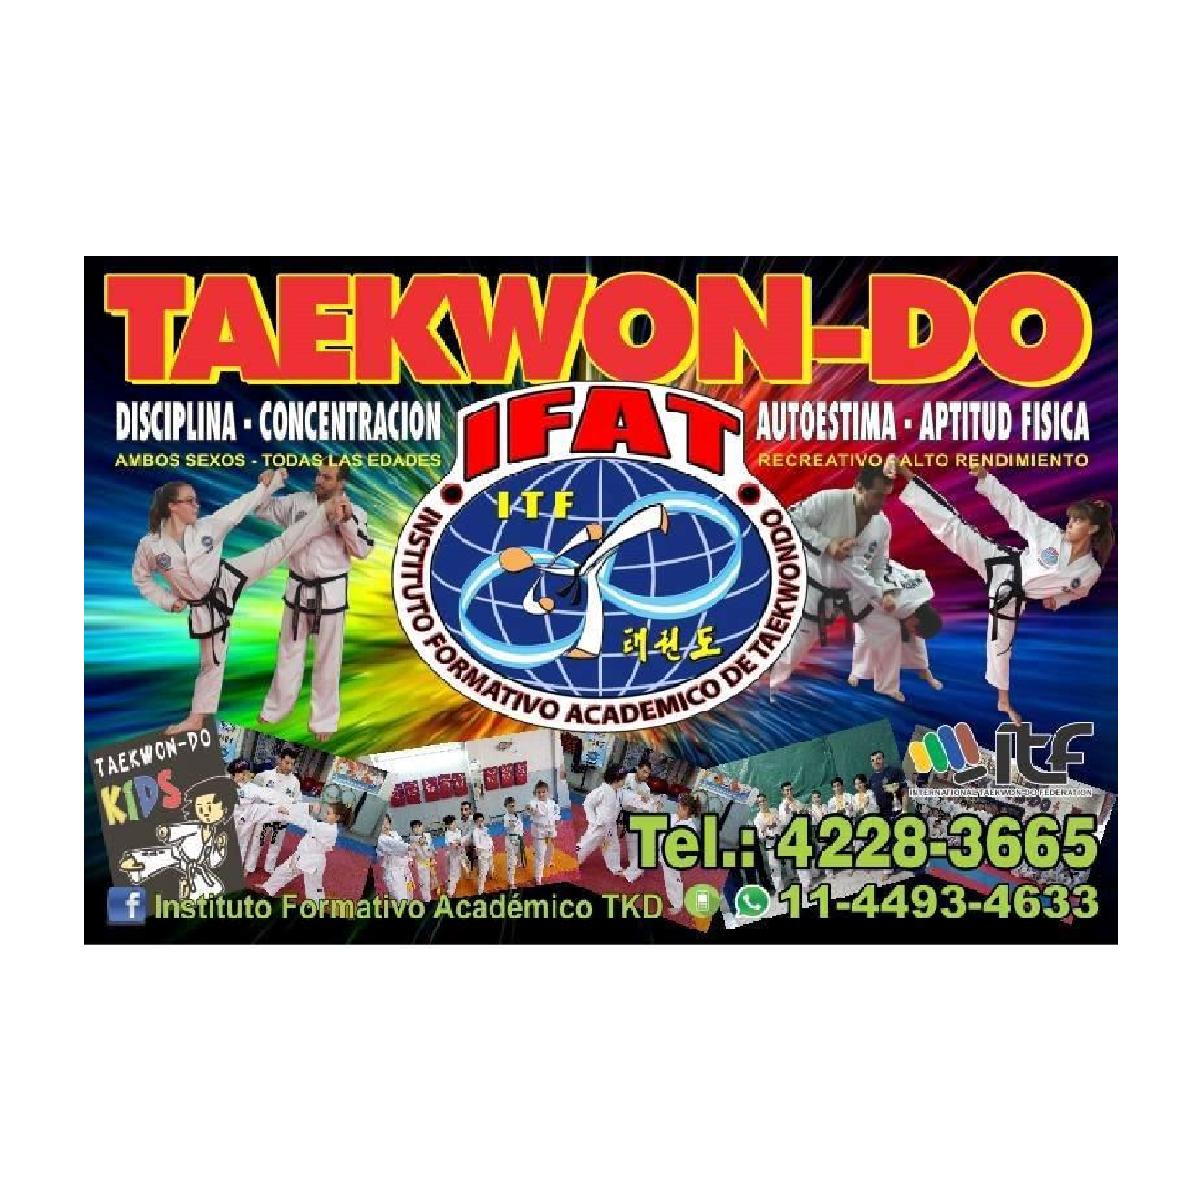 IFAT - INSTITUTO FORMATIVO ACADEMICO DE TAEKWONDO